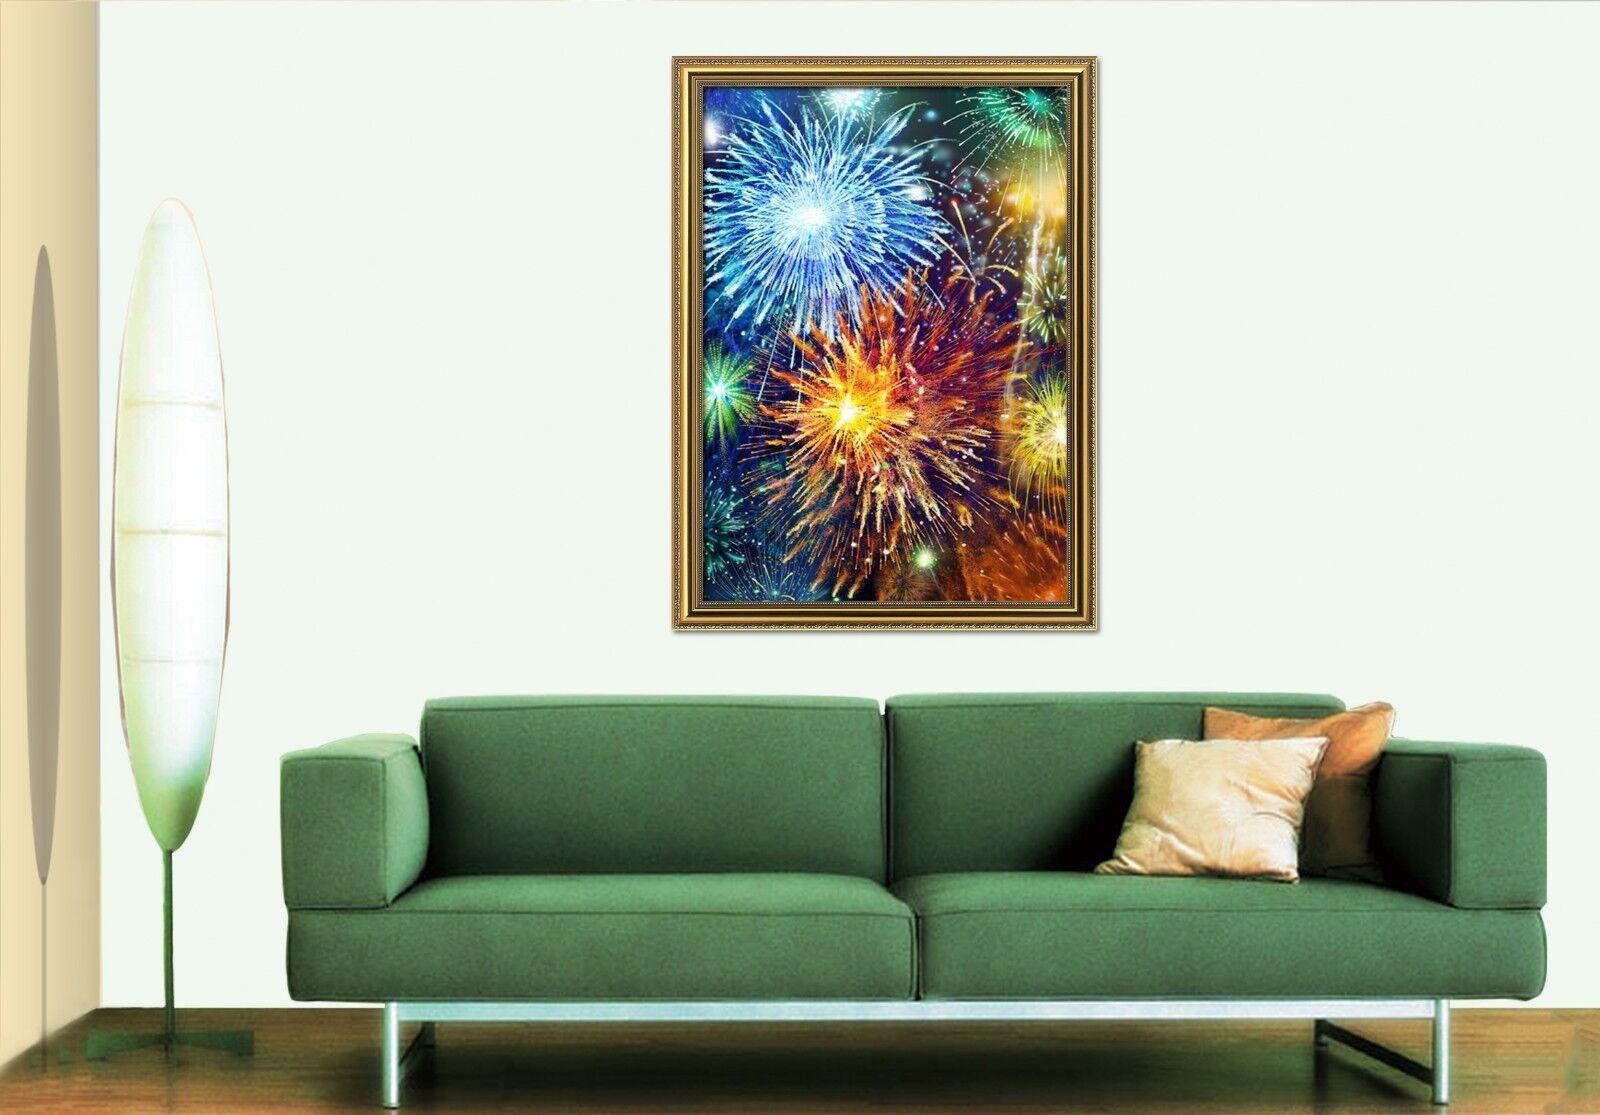 Cartel enmarcado 3D 2 fuegos artificiales de Colors Decoración del Hogar Pintura de Impresión Arte AJ Wallpaper